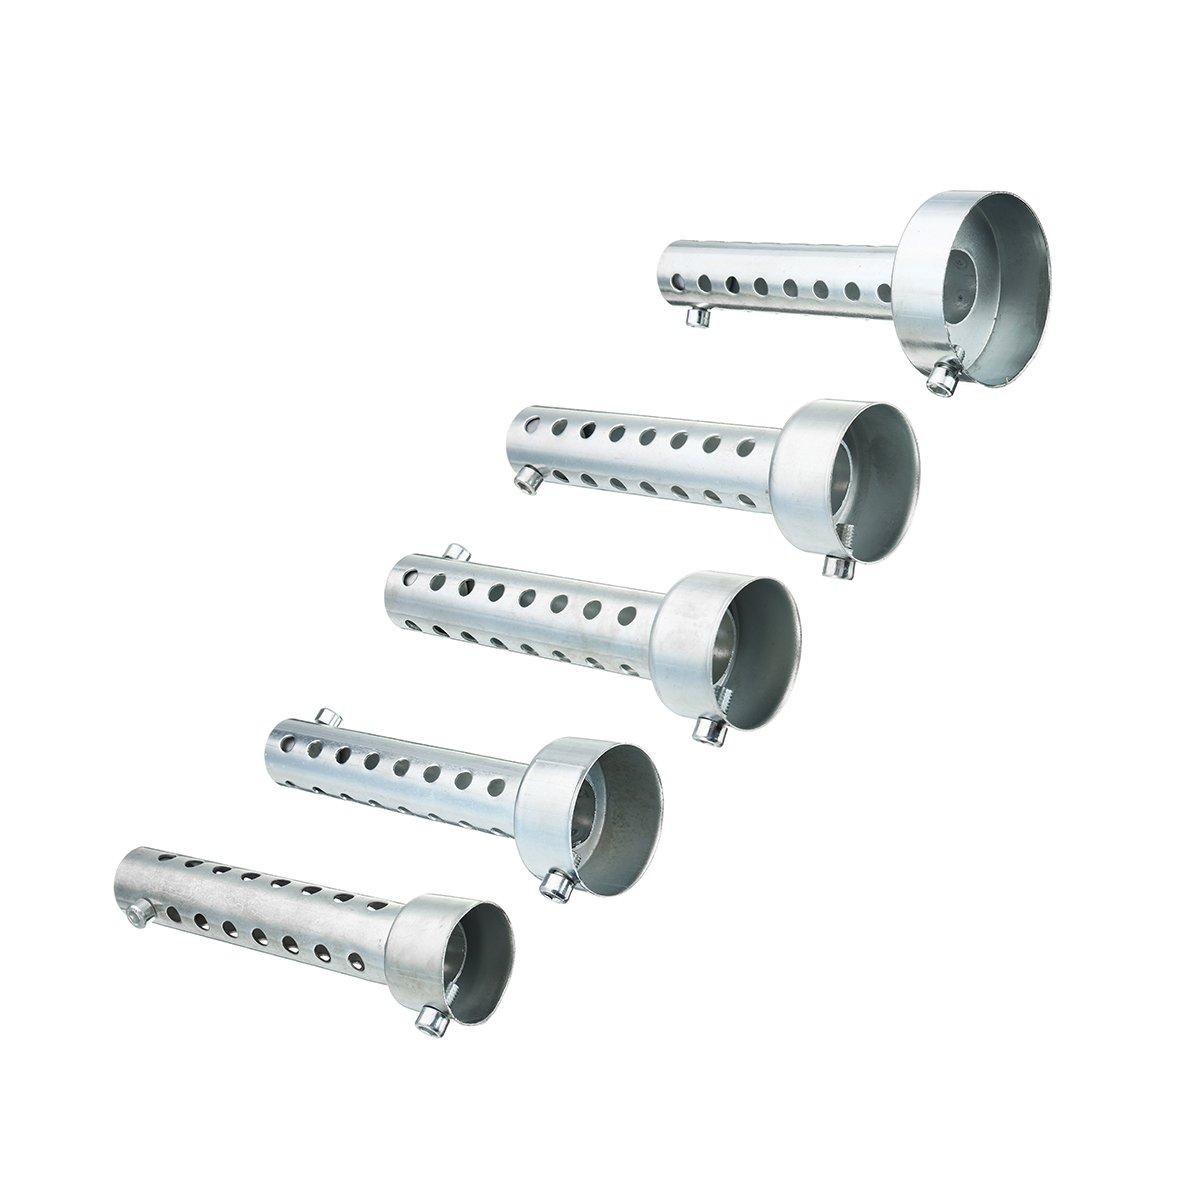 Wooya 35Mm//42Mm//45Mm//48Mm//60Mmmotorrad-Auspuff Kann Muffler Silencer Chrome Universal-35Mm